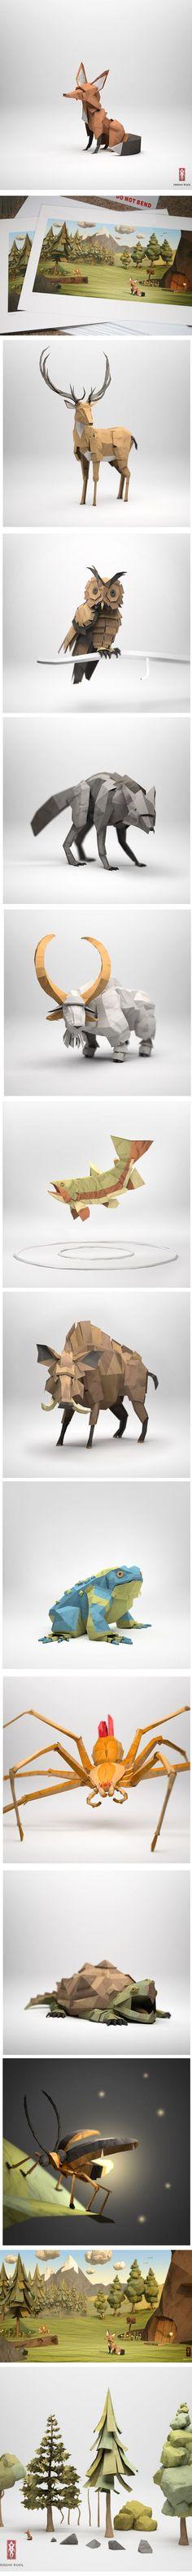 3D lowpoly - paper sculpture: